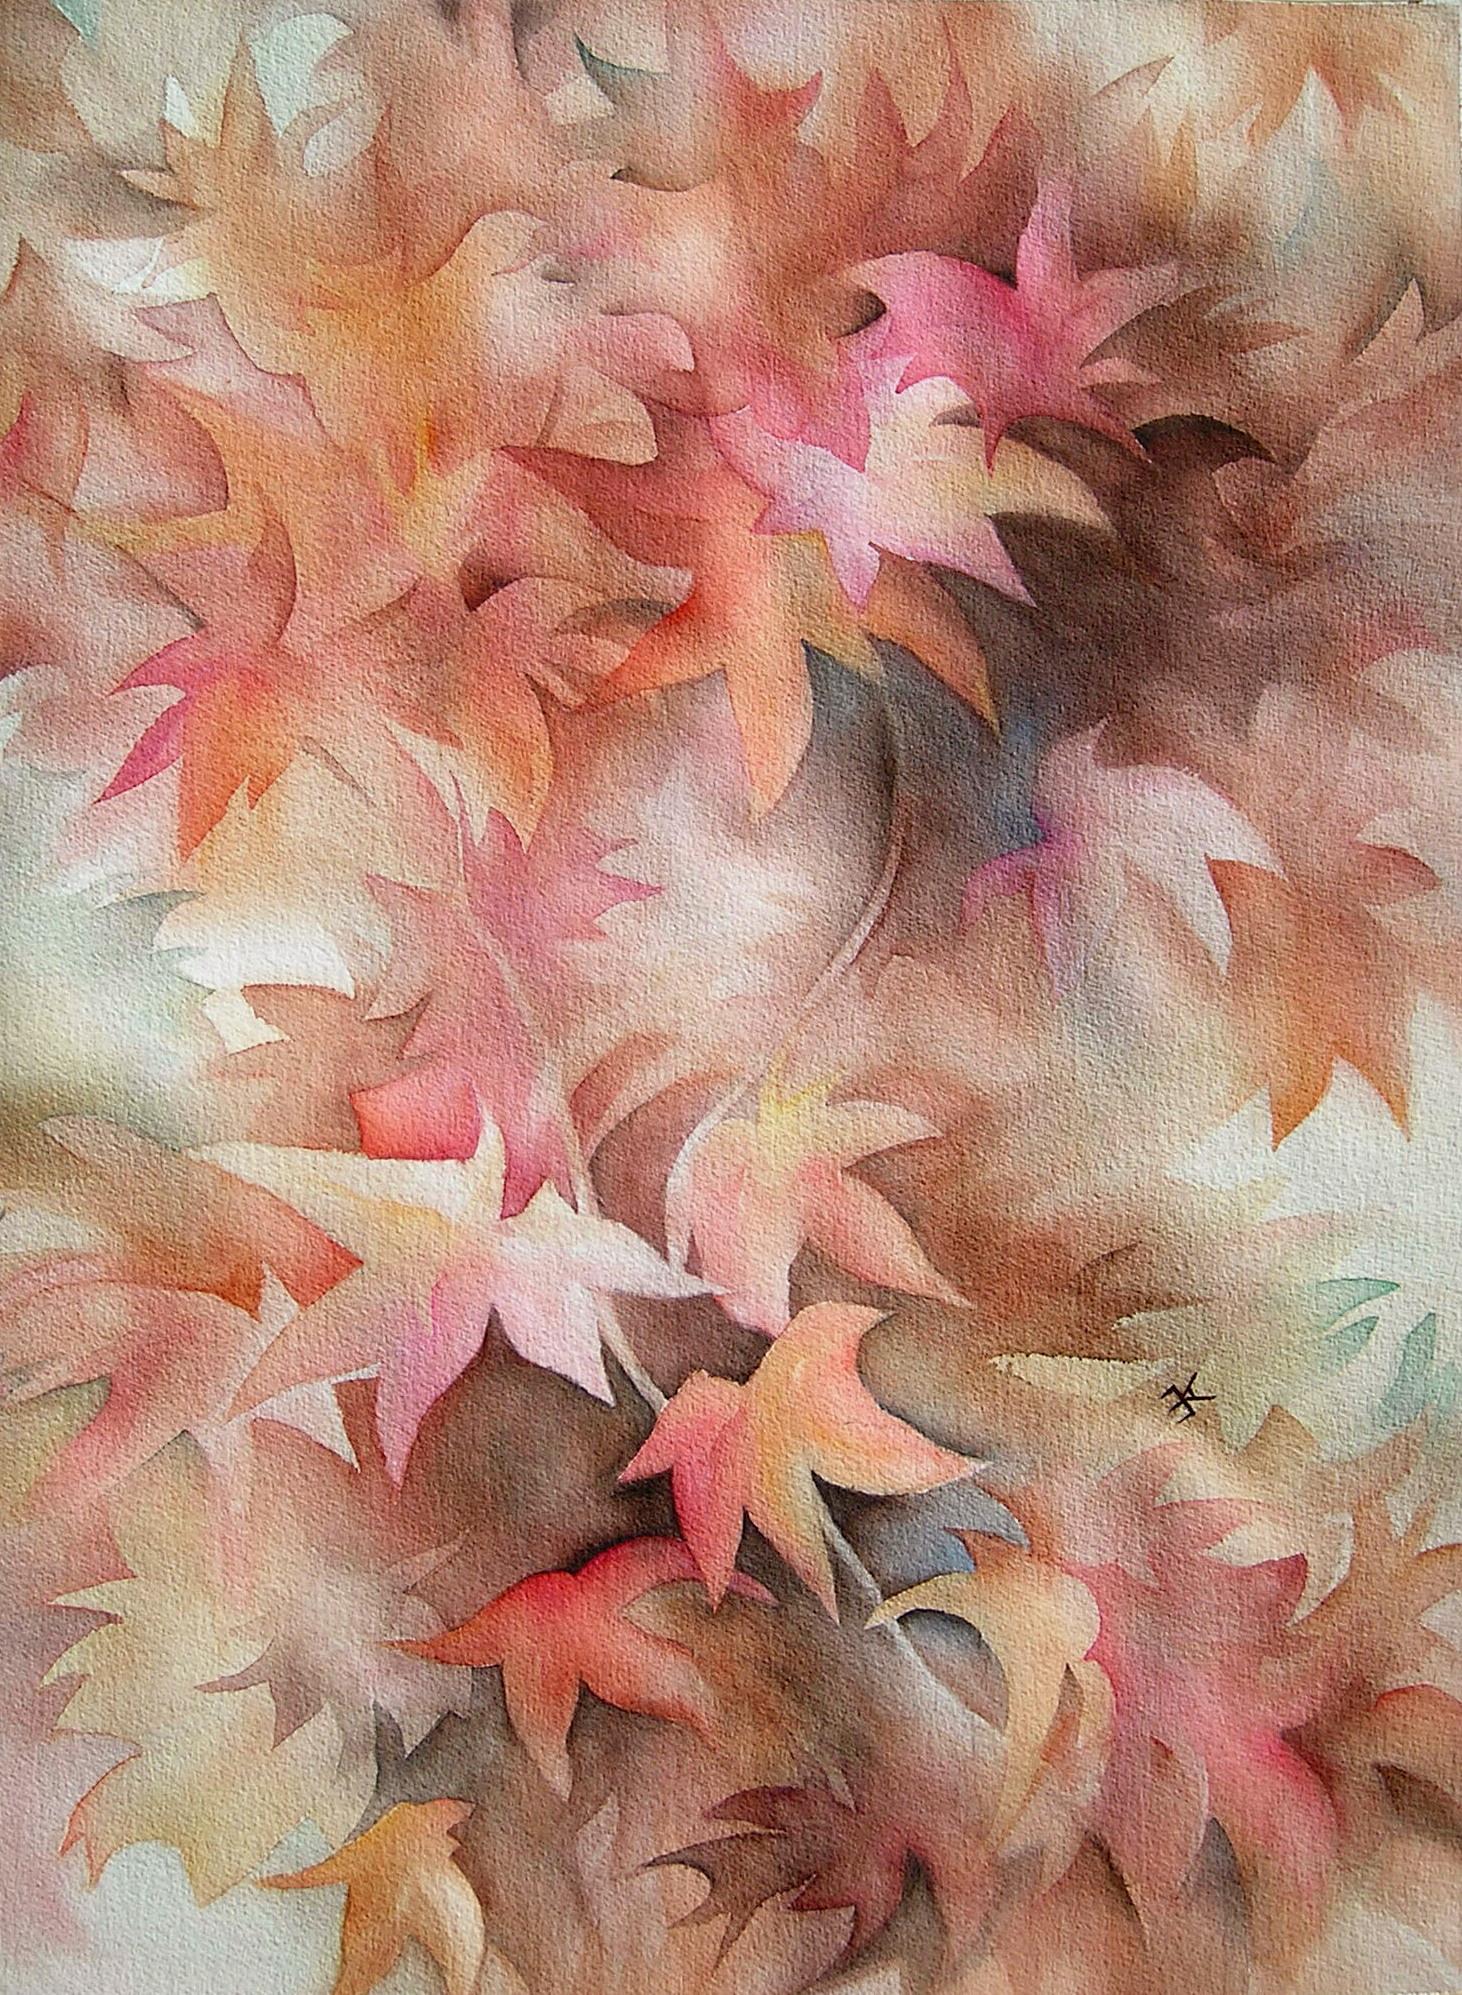 Dancing Leaves painting